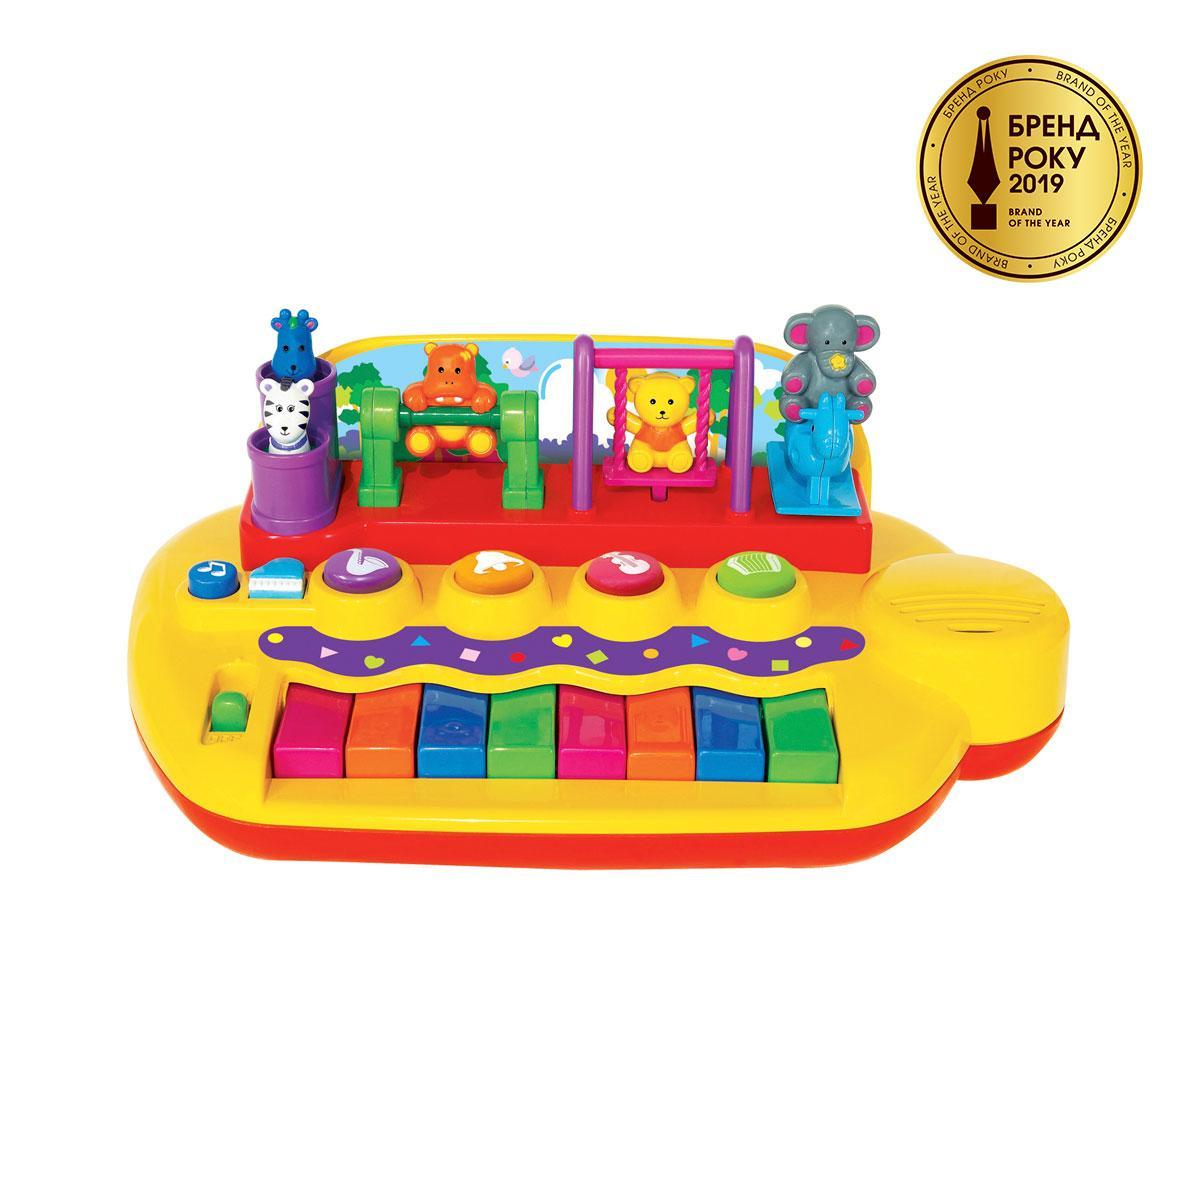 Піаніно - ЗВІРЯТА НА ГОЙДАЛЦІ (звук), 033423